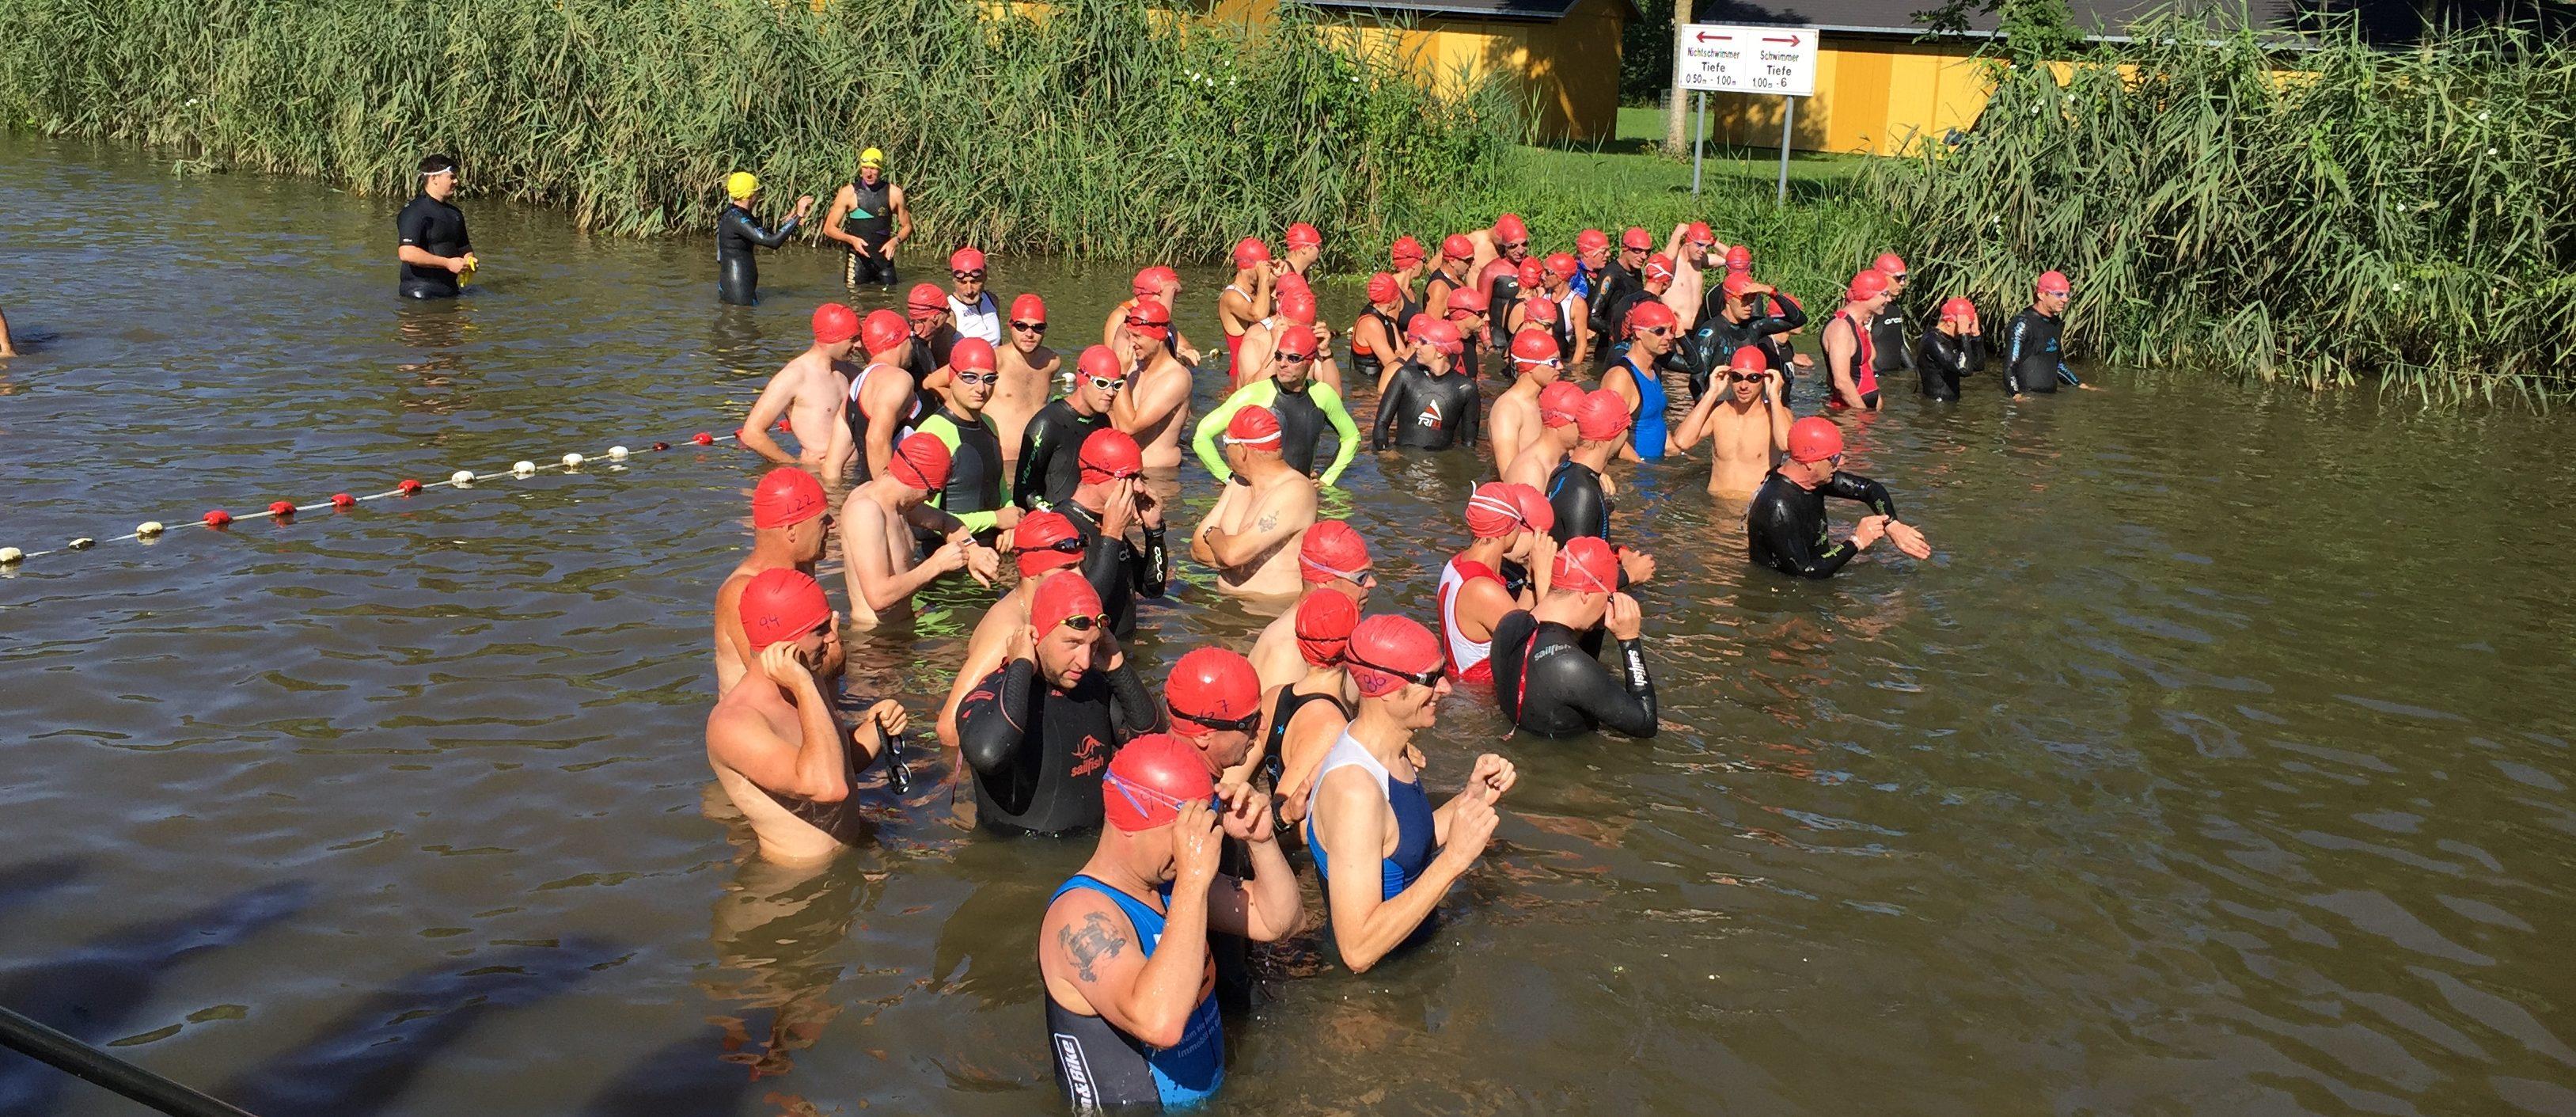 Letzter Vorbericht zum 31igsten Oettinger Triathlon